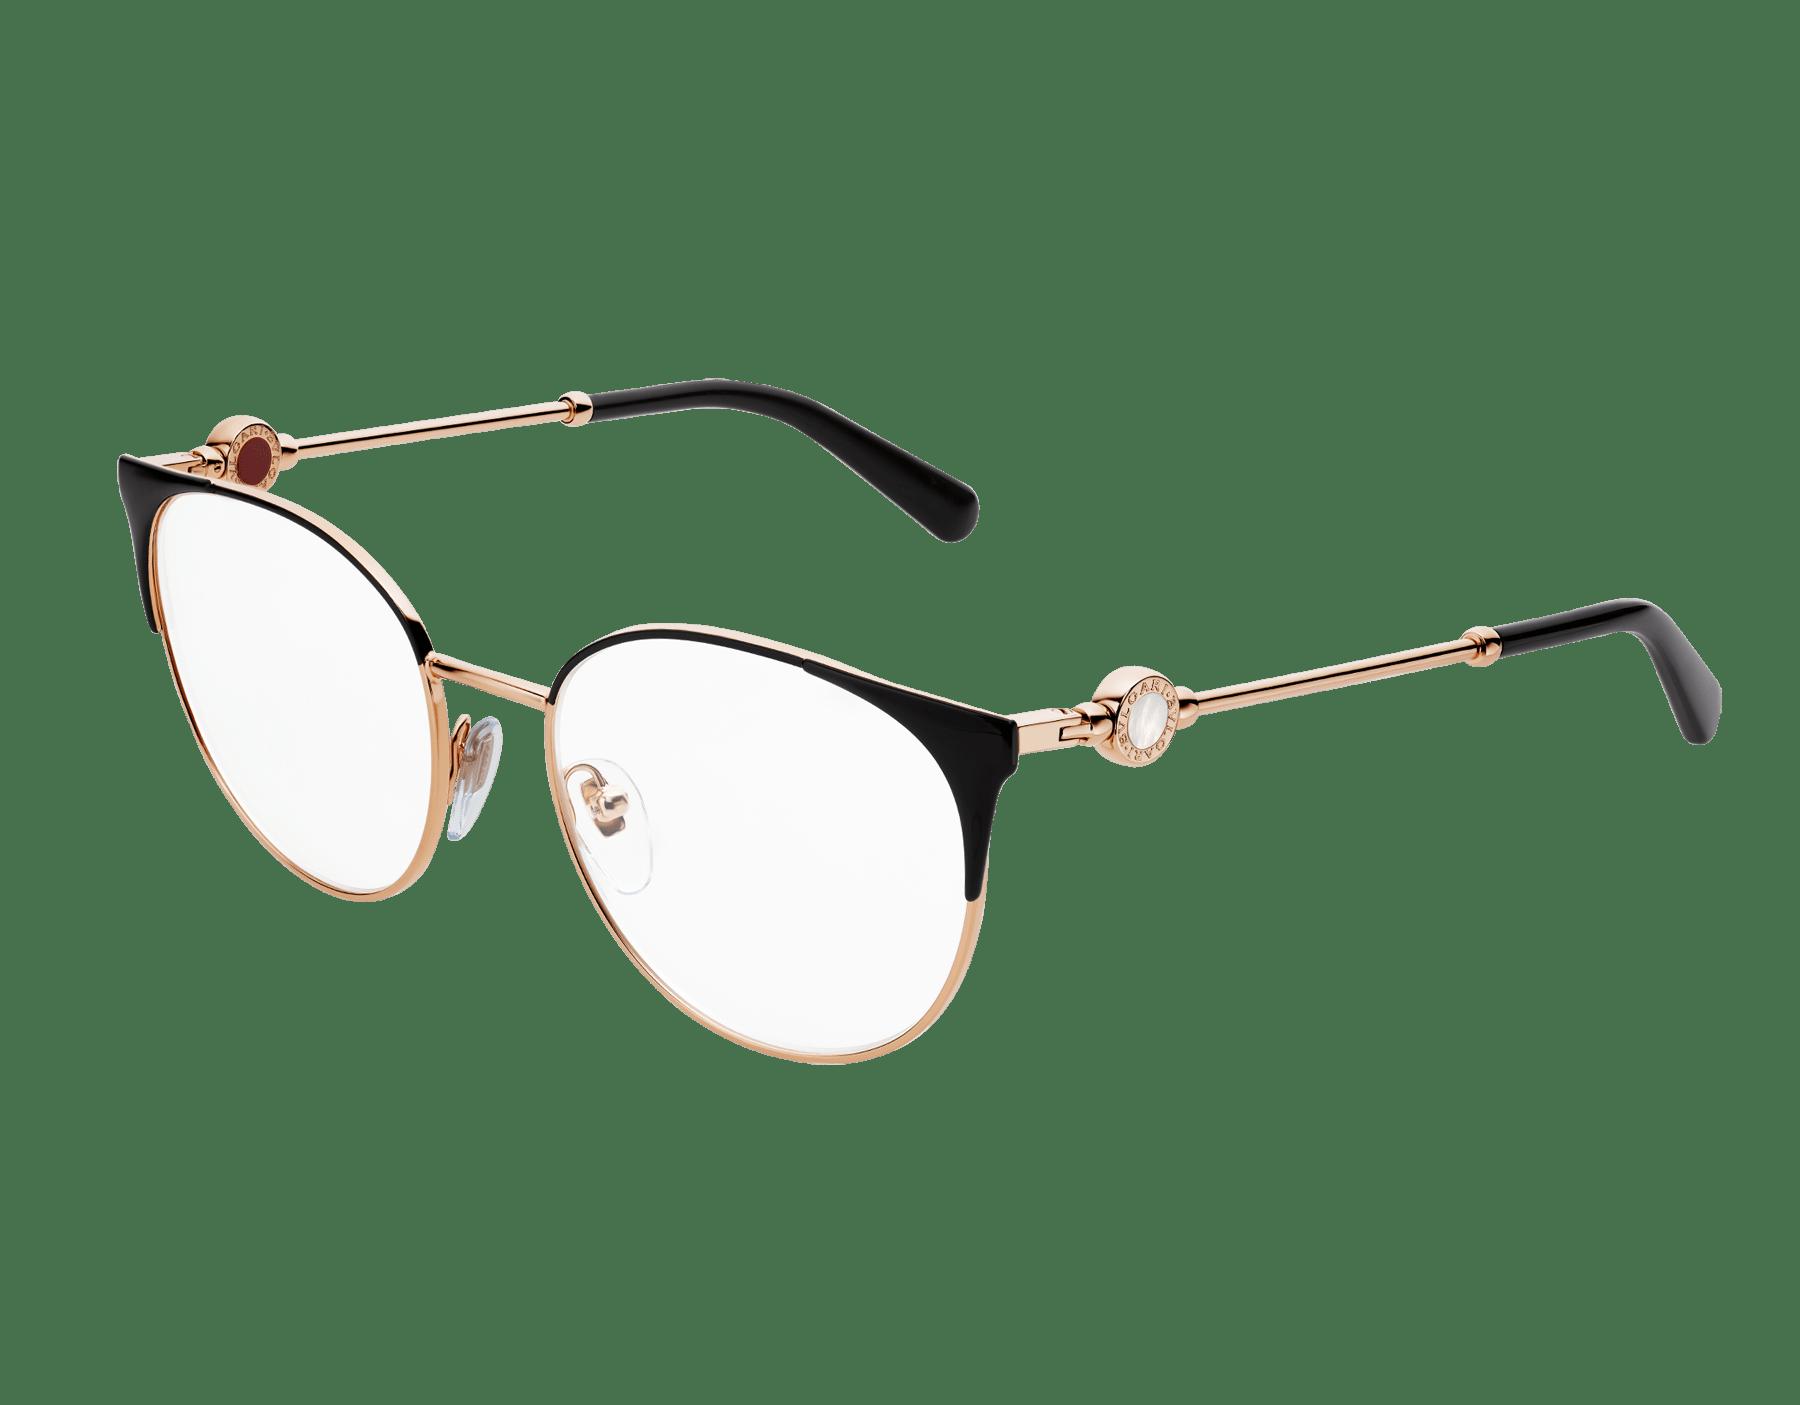 Occhiali da vista Bvlgari Bvlgari con montatura in metallo dalla forma tondeggiante. 903553 image 1